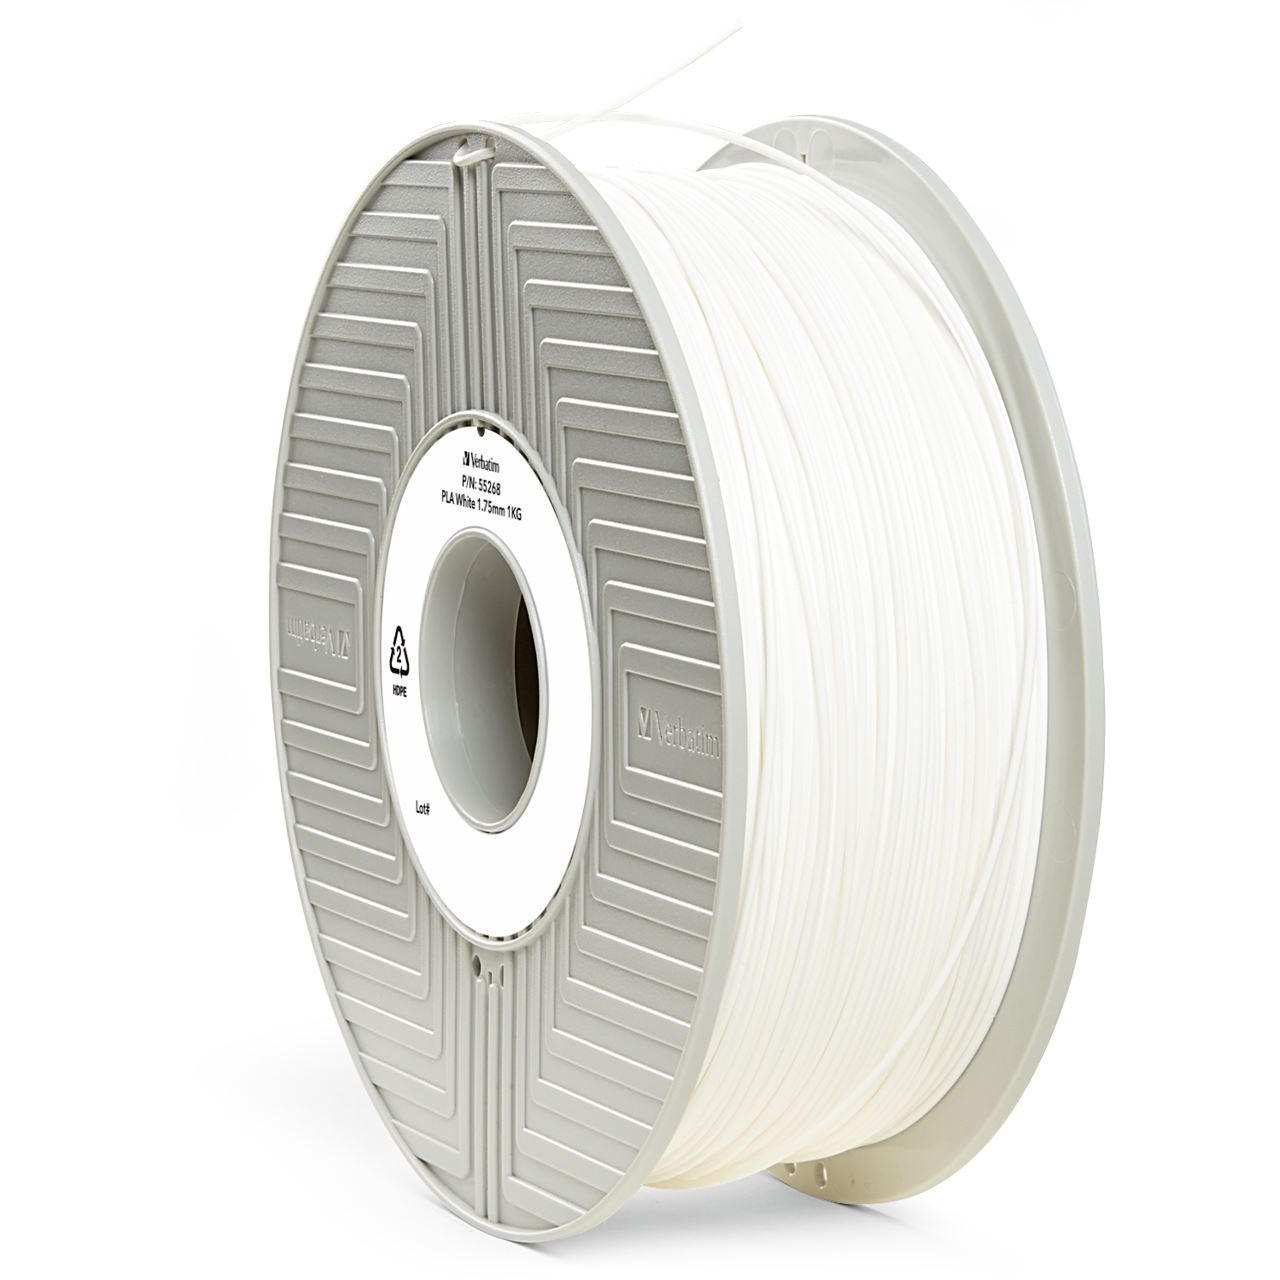 verbatim filament 3d drucker 1kg wei zubeh r f r 3d drucker. Black Bedroom Furniture Sets. Home Design Ideas